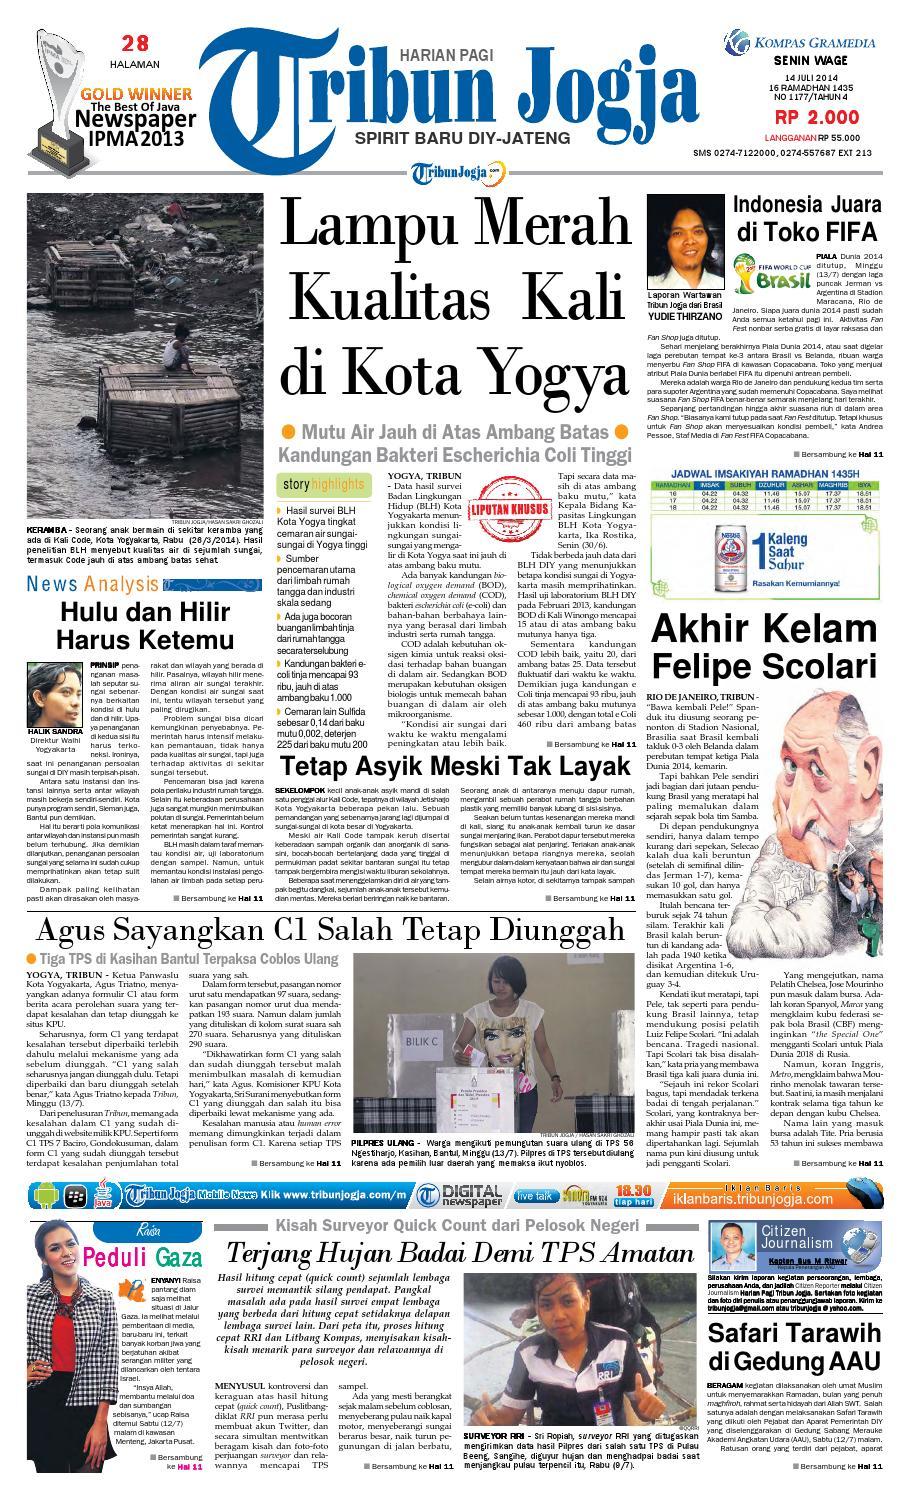 Tribunjogja 14 07 2014 By Tribun Jogja Issuu Produk Ukm Bumn Tenun Pagatan Kemeja Pria Biru Kapal